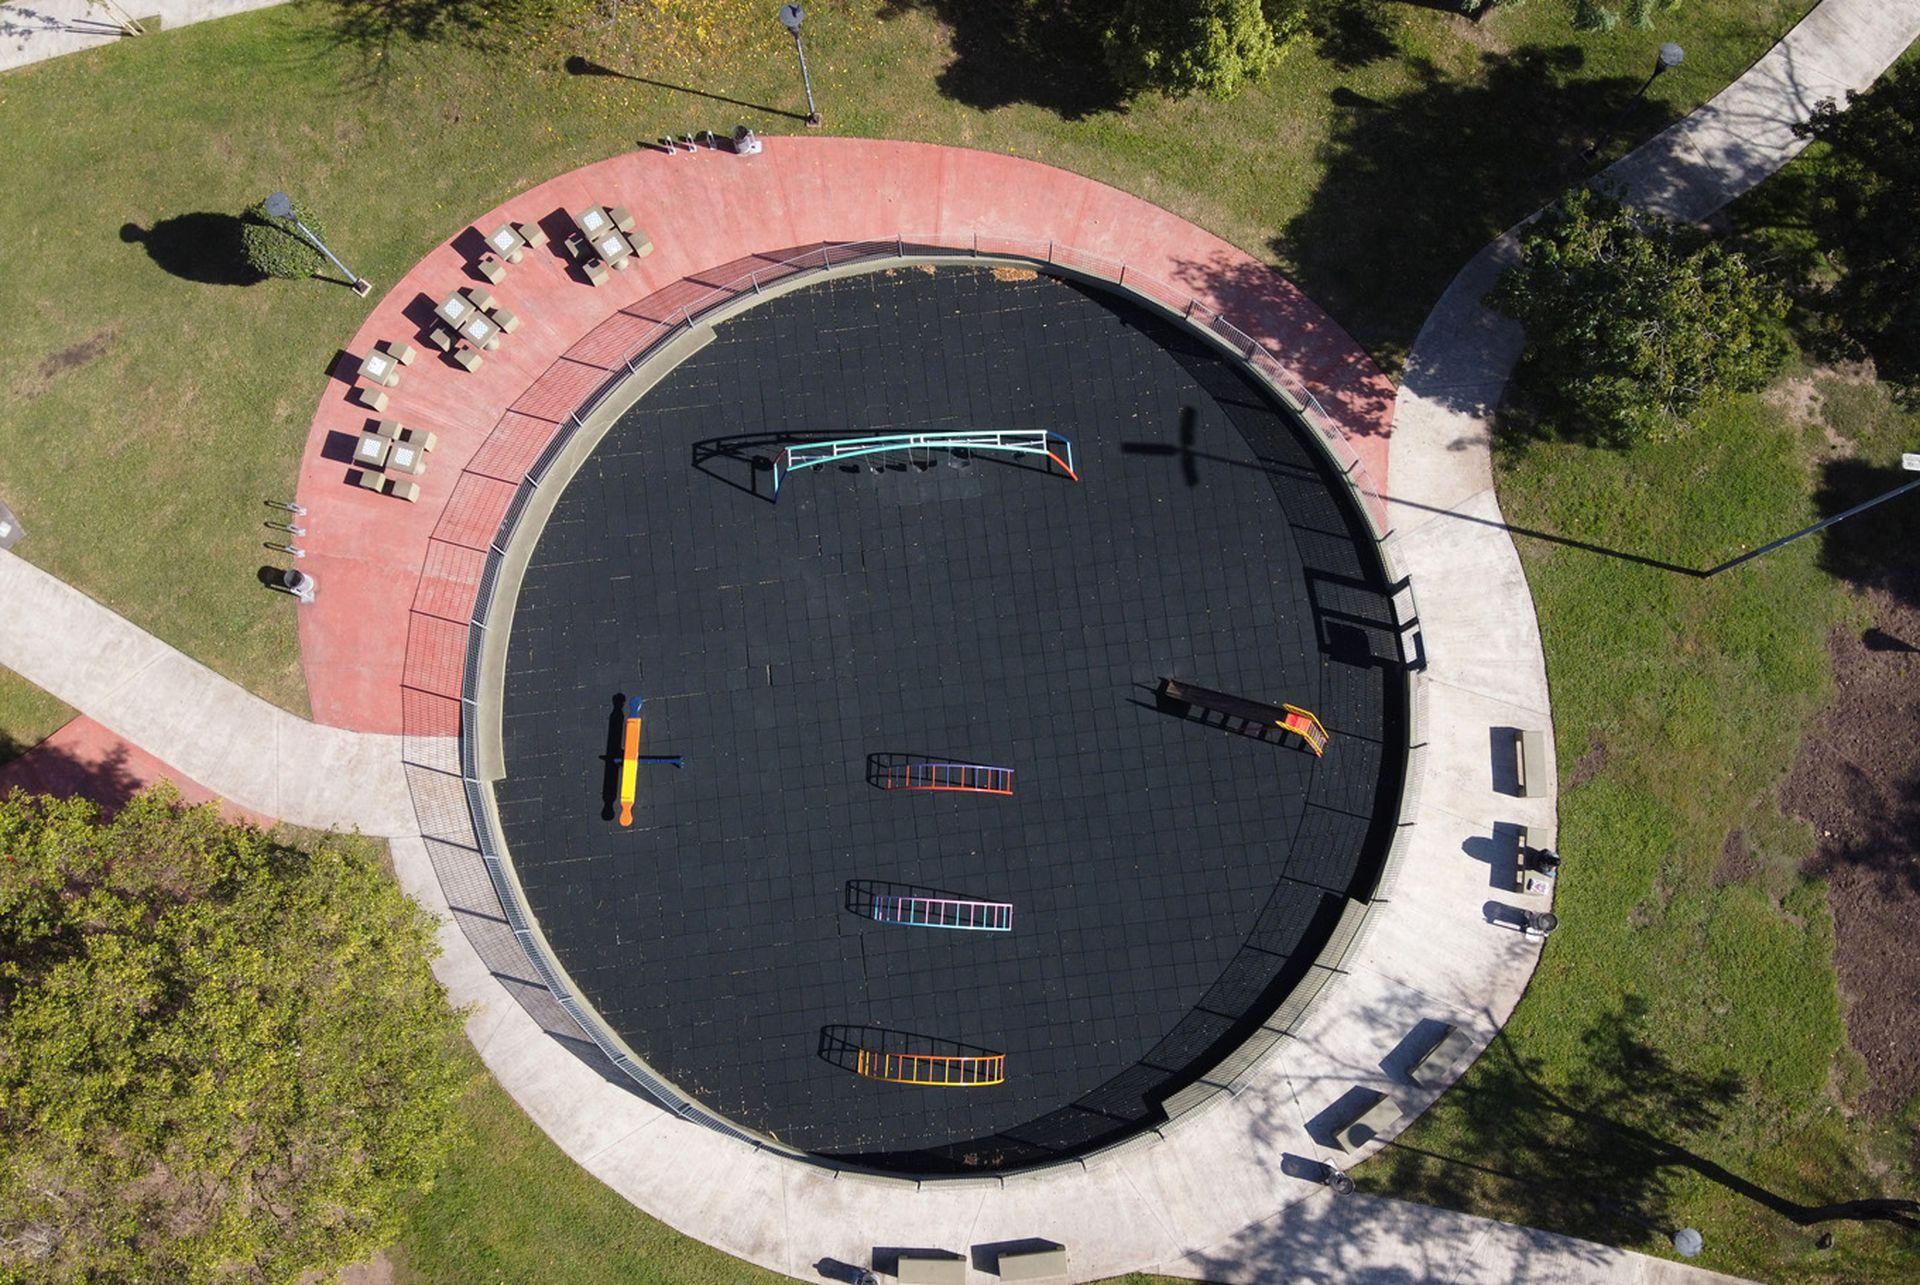 La plaza suele estar repleta de chicos jugando, hoy está vacía debido a las restricciones por el coronavirus